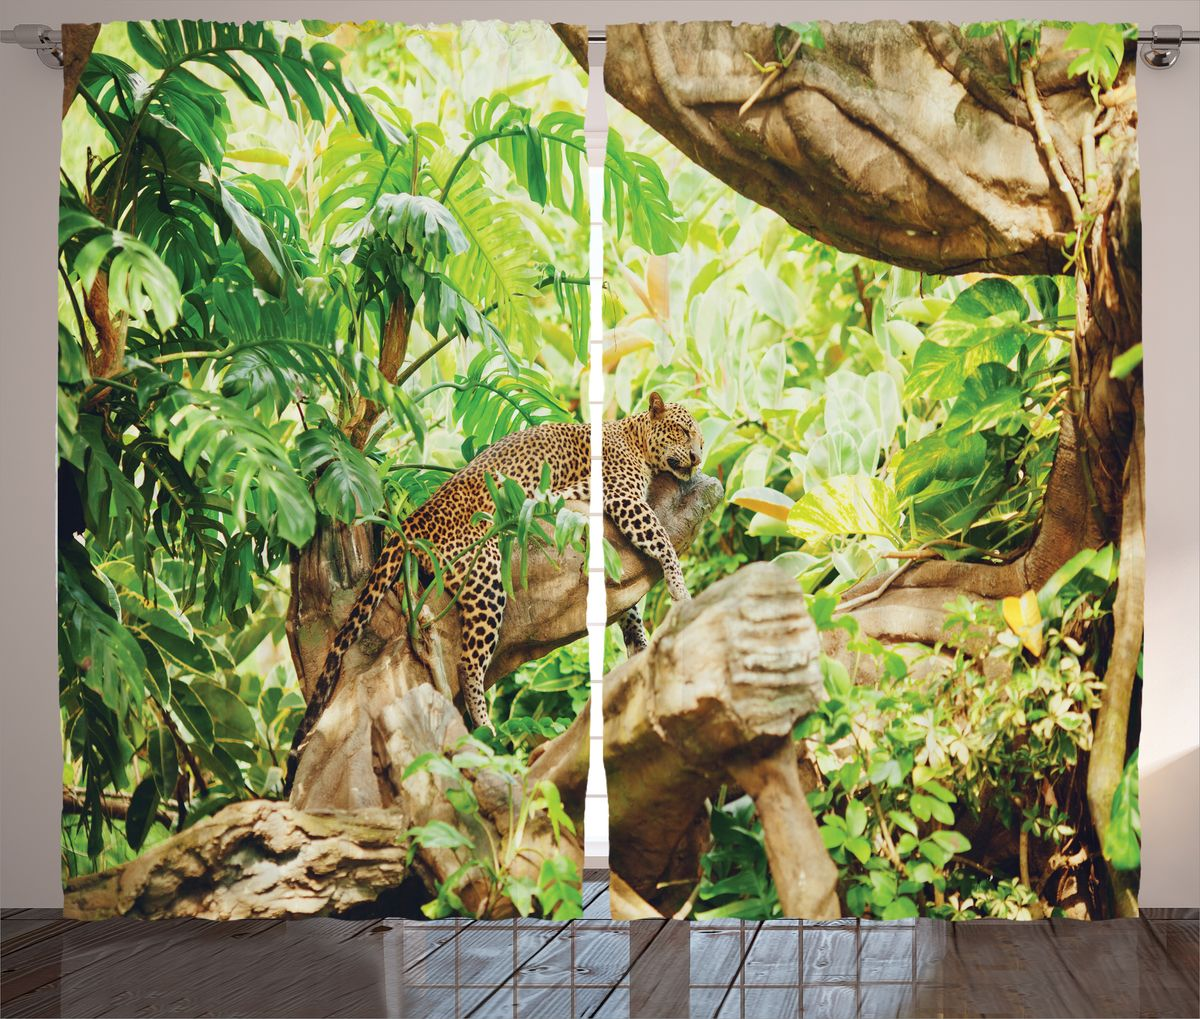 Комплект фотоштор Magic Lady Леопард отдыхает, на ленте, высота 265 см. шсг_1468121071Компания Сэмболь изготавливает шторы из высококачественного сатена (полиэстер 100%). При изготовлении используются специальные гипоаллергенные чернила для прямой печати по ткани, безопасные для человека и животных. Экологичность продукции Magic lady и безопасность для окружающей среды подтверждены сертификатом Oeko-Tex Standard 100. Крепление: крючки для крепления на шторной ленте (50 шт). Возможно крепление на трубу. Внимание! При нанесении сублимационной печати на ткань технологическим методом при температуре 240°С, возможно отклонение полученных размеров (указанных на этикетке и сайте) от стандартных на + - 3-5 см. Производитель старается максимально точно передать цвета изделия на фотографиях, однако искажения неизбежны и фактический цвет изделия может отличаться от воспринимаемого по фото. Обратите внимание! Шторы изготовлены из полиэстра сатенового переплетения, а не из сатина (хлопок). Размер одного полотна шторы: 145х265 см. В комплекте 2 полотна шторы и 50 крючков.